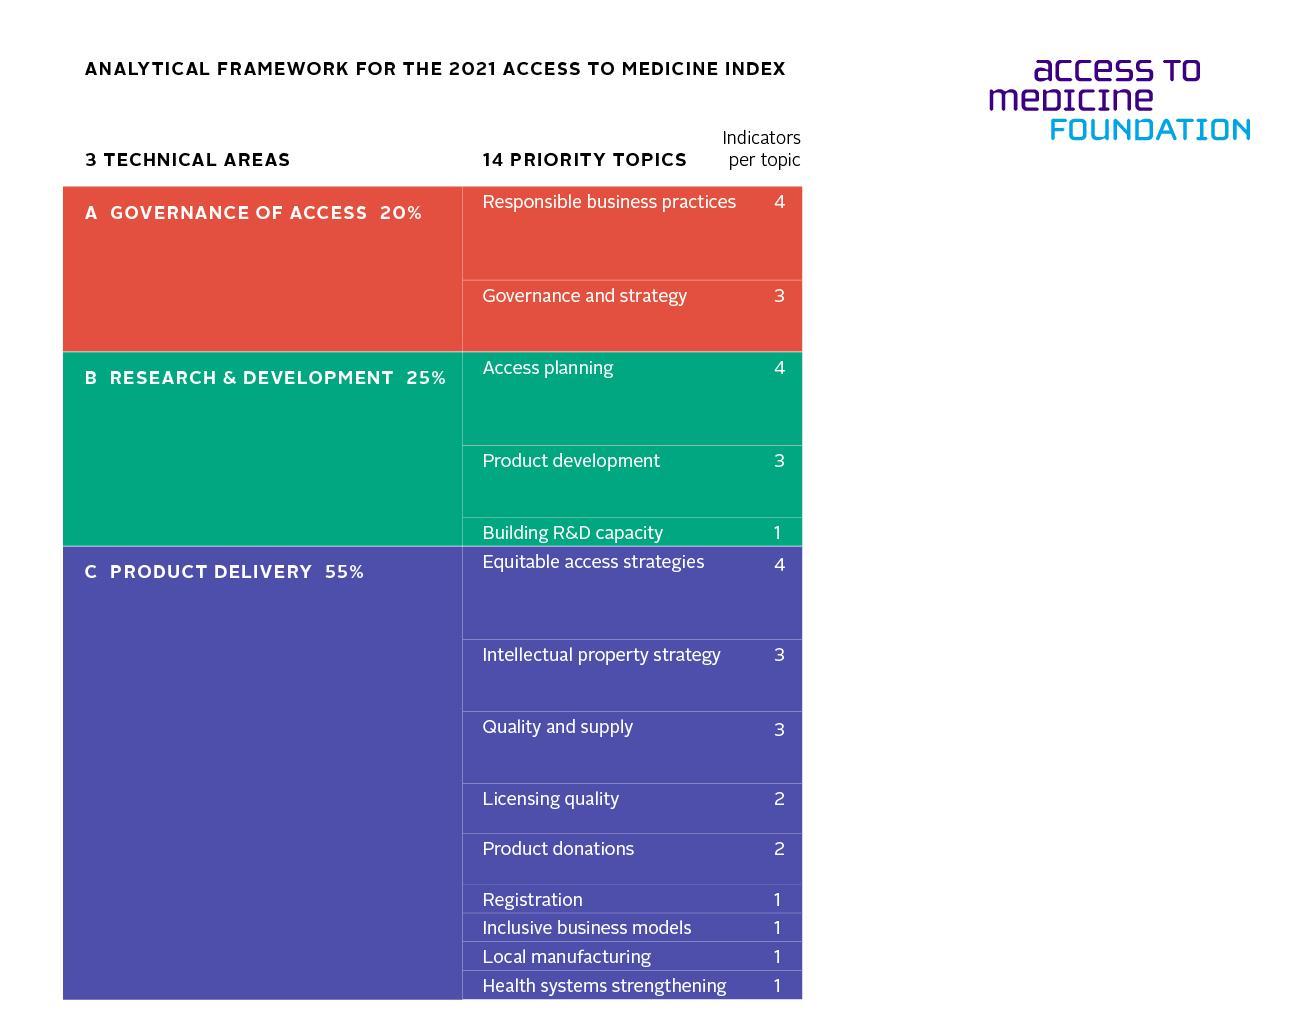 Analytical framework for the 2021